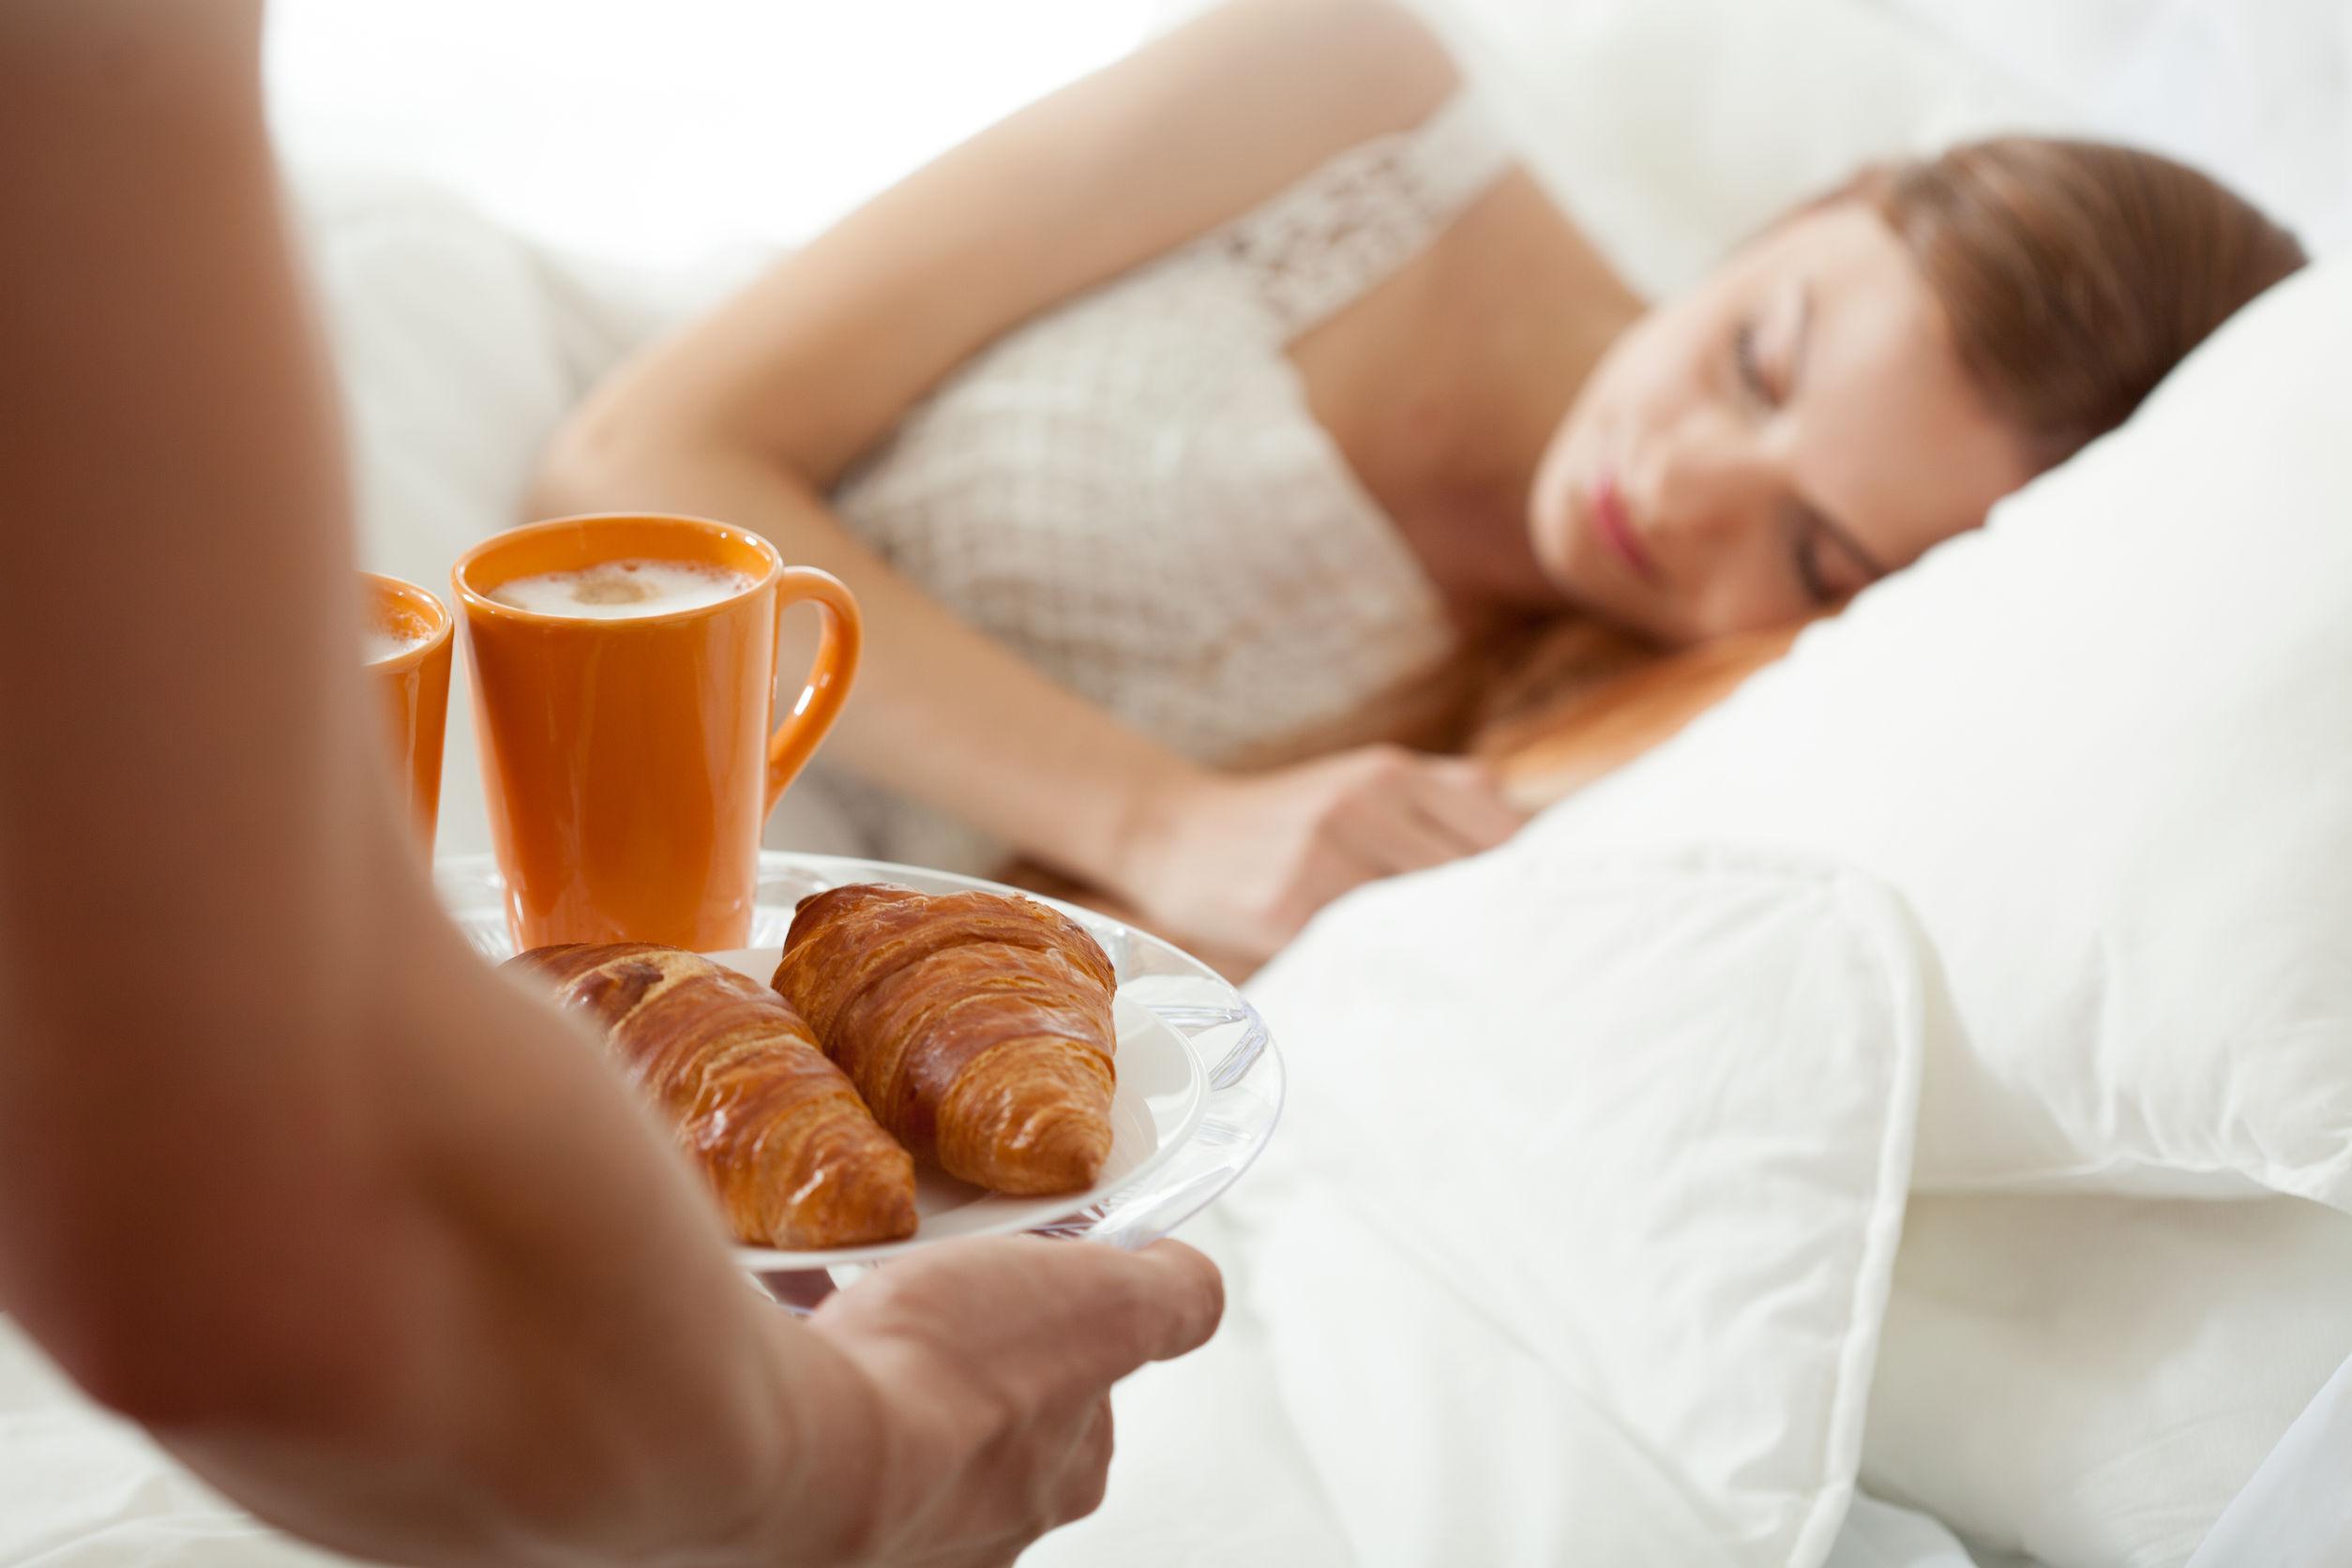 девушка приносит кофе в постель парню картинки решила